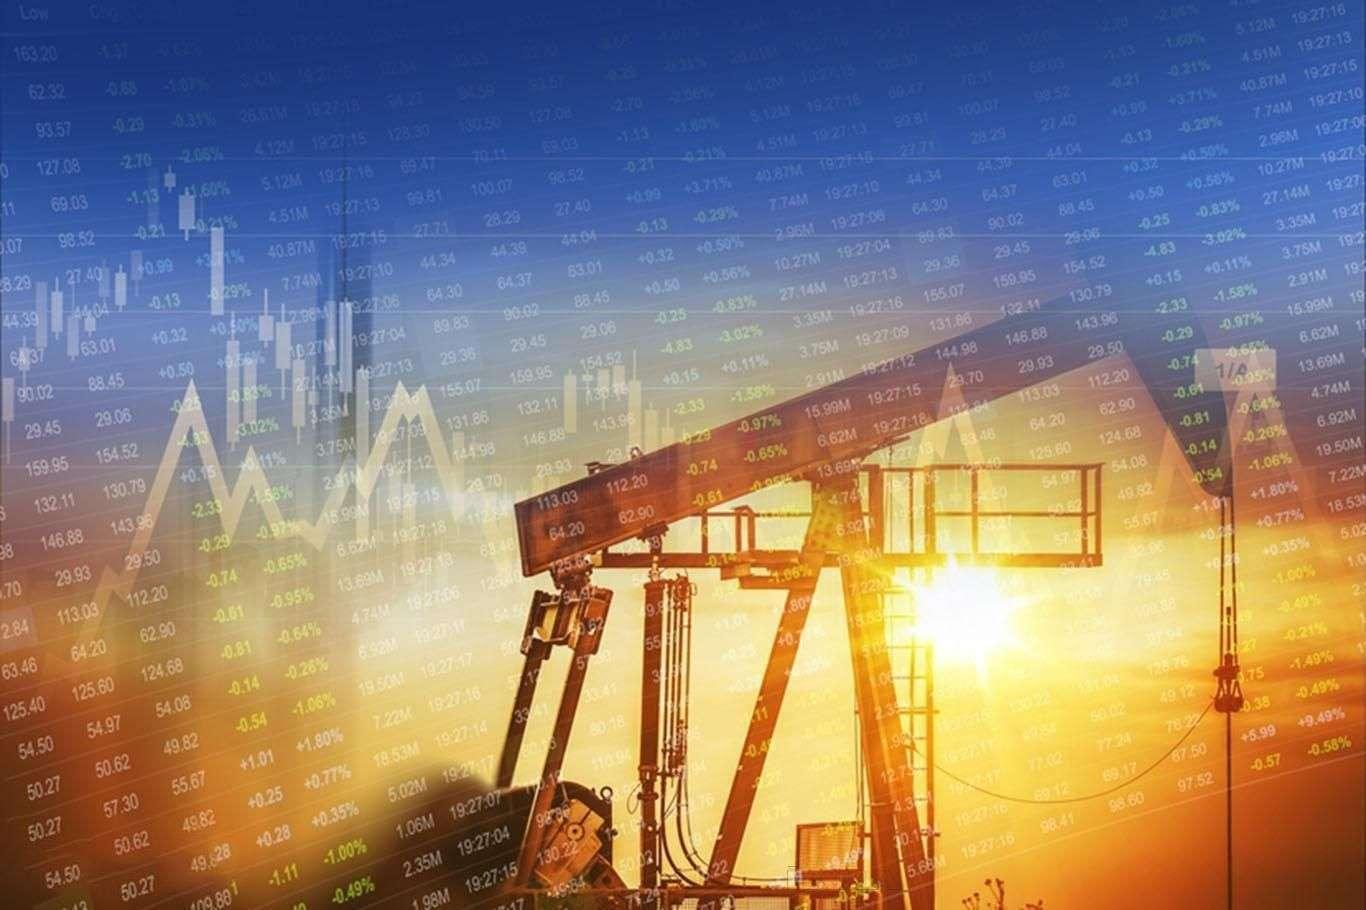 02.02. 2021 Petrol Fiyatları Ne Durumda? Petrol Düşüyor Mu Yükseliyor Mu?